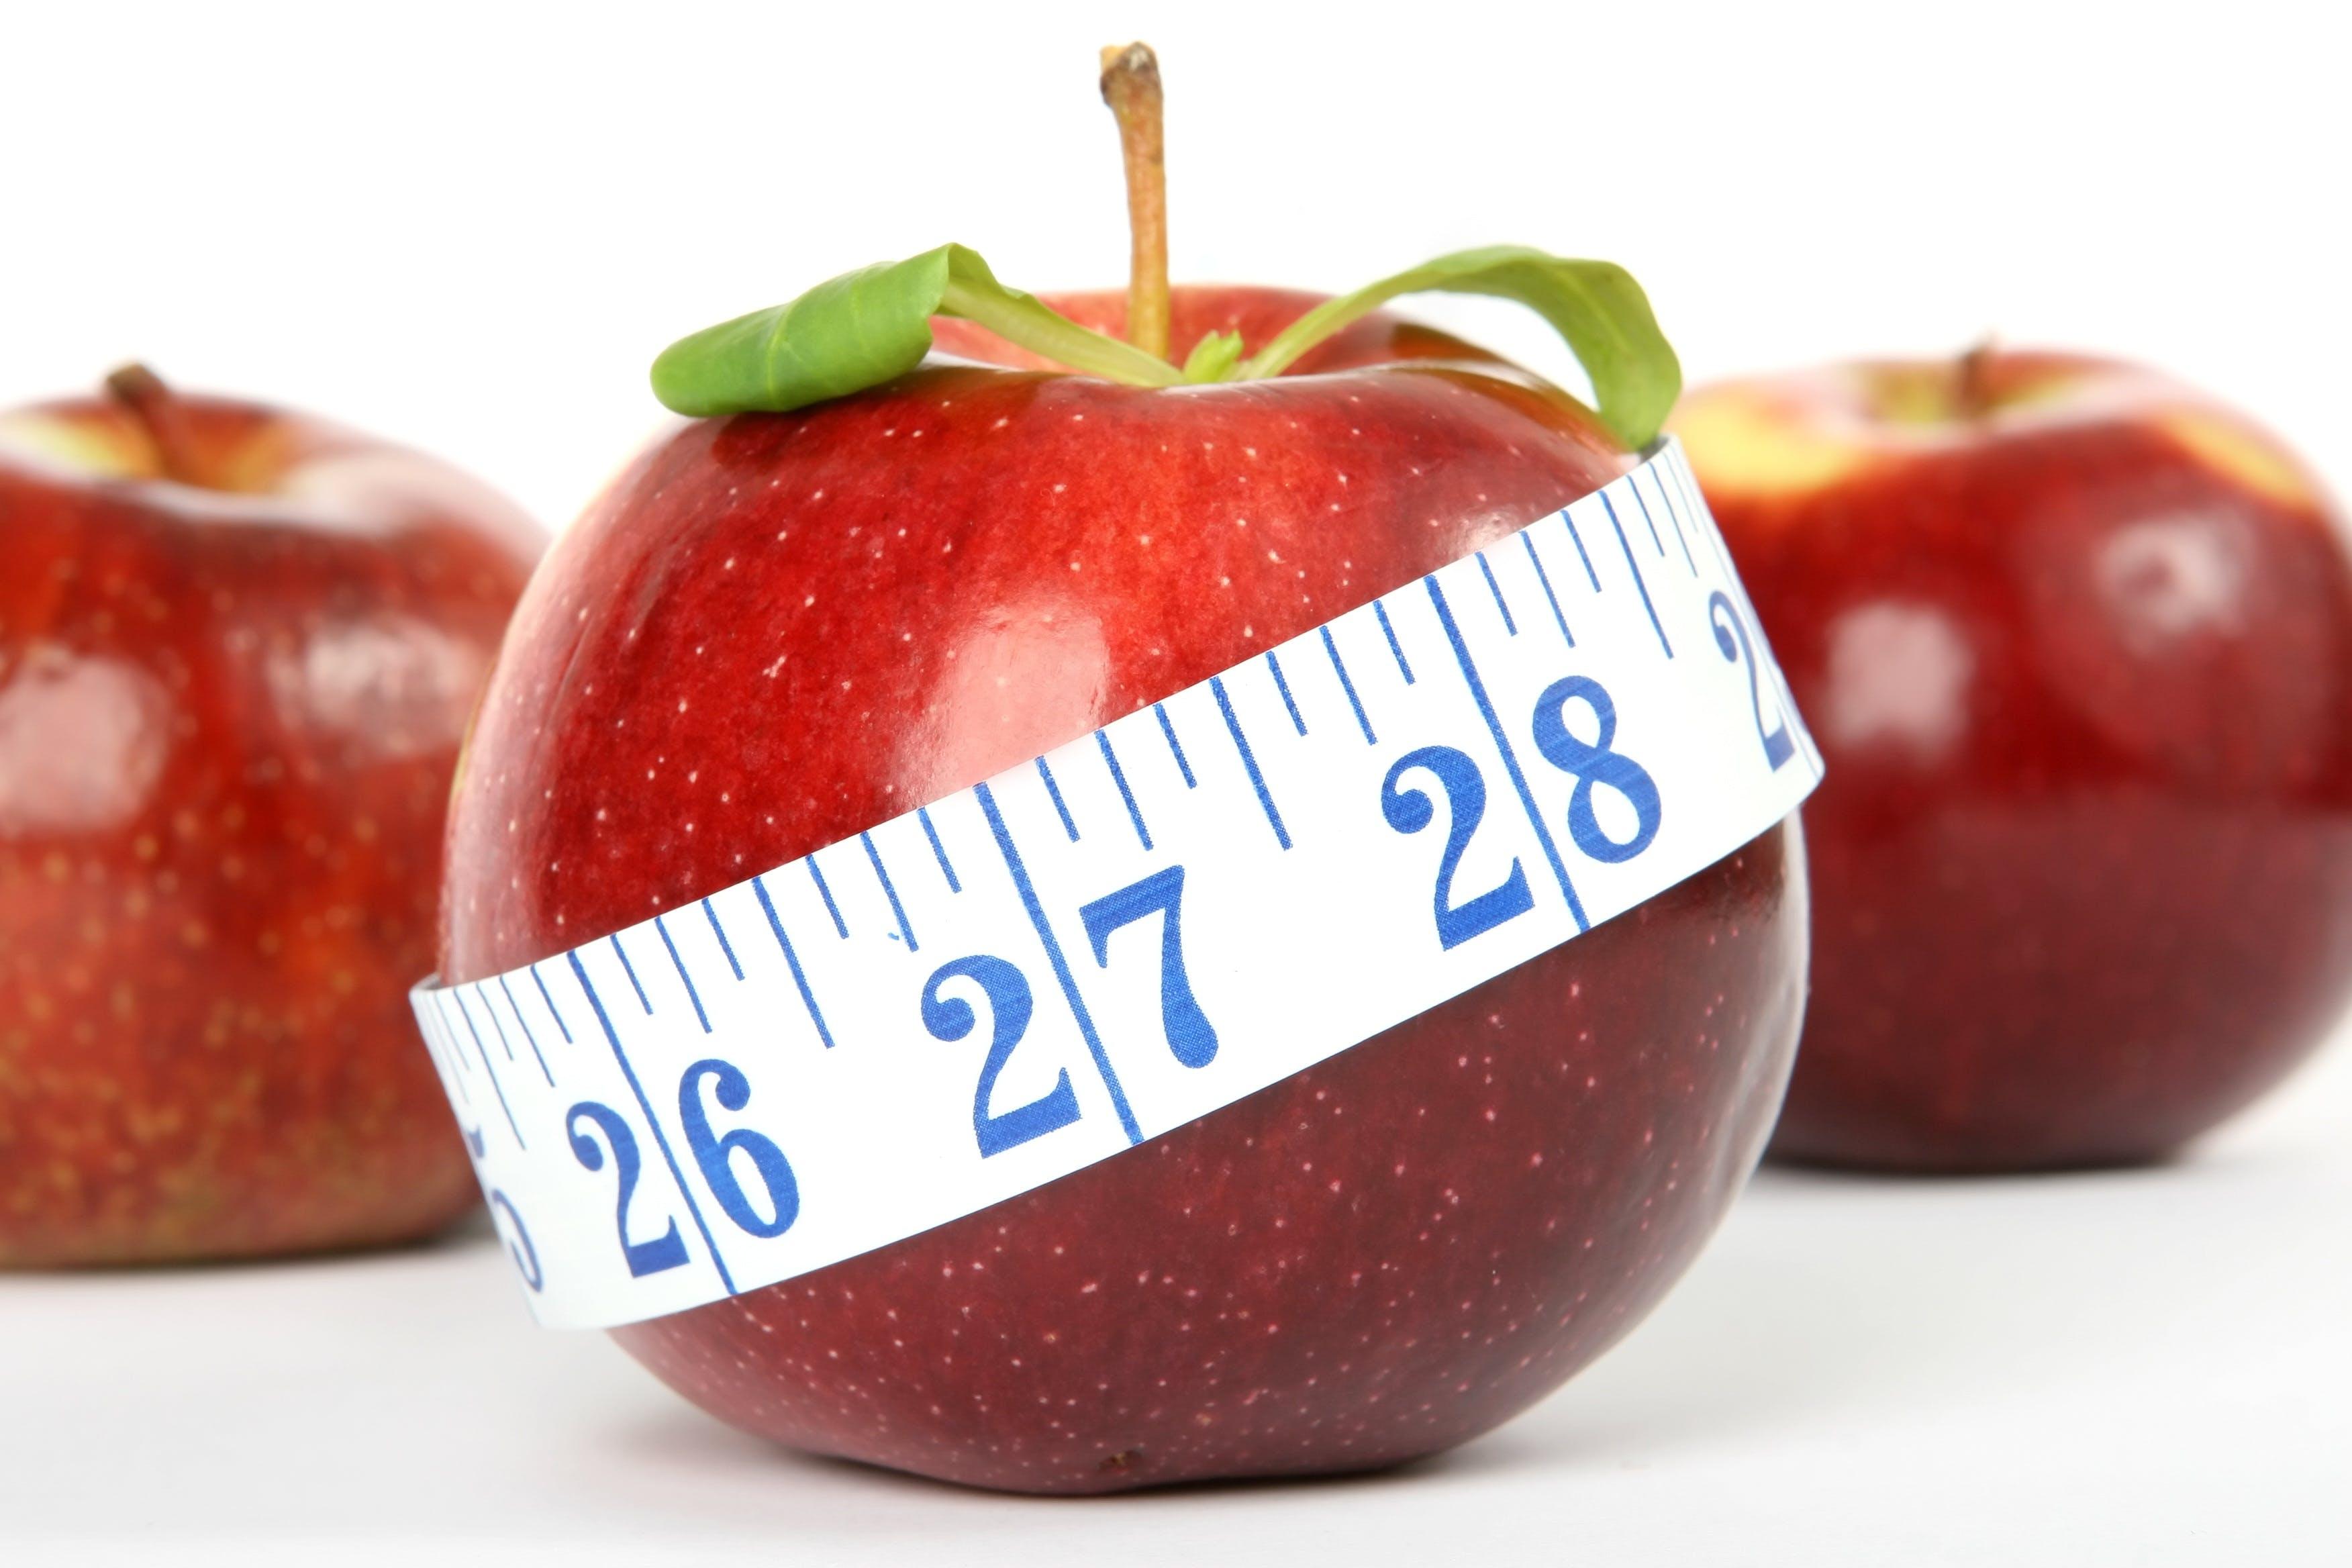 chelovek sovety krasota zdorove 2 zhitejskie mudrosti  3 самые эффективные тактики для похудения